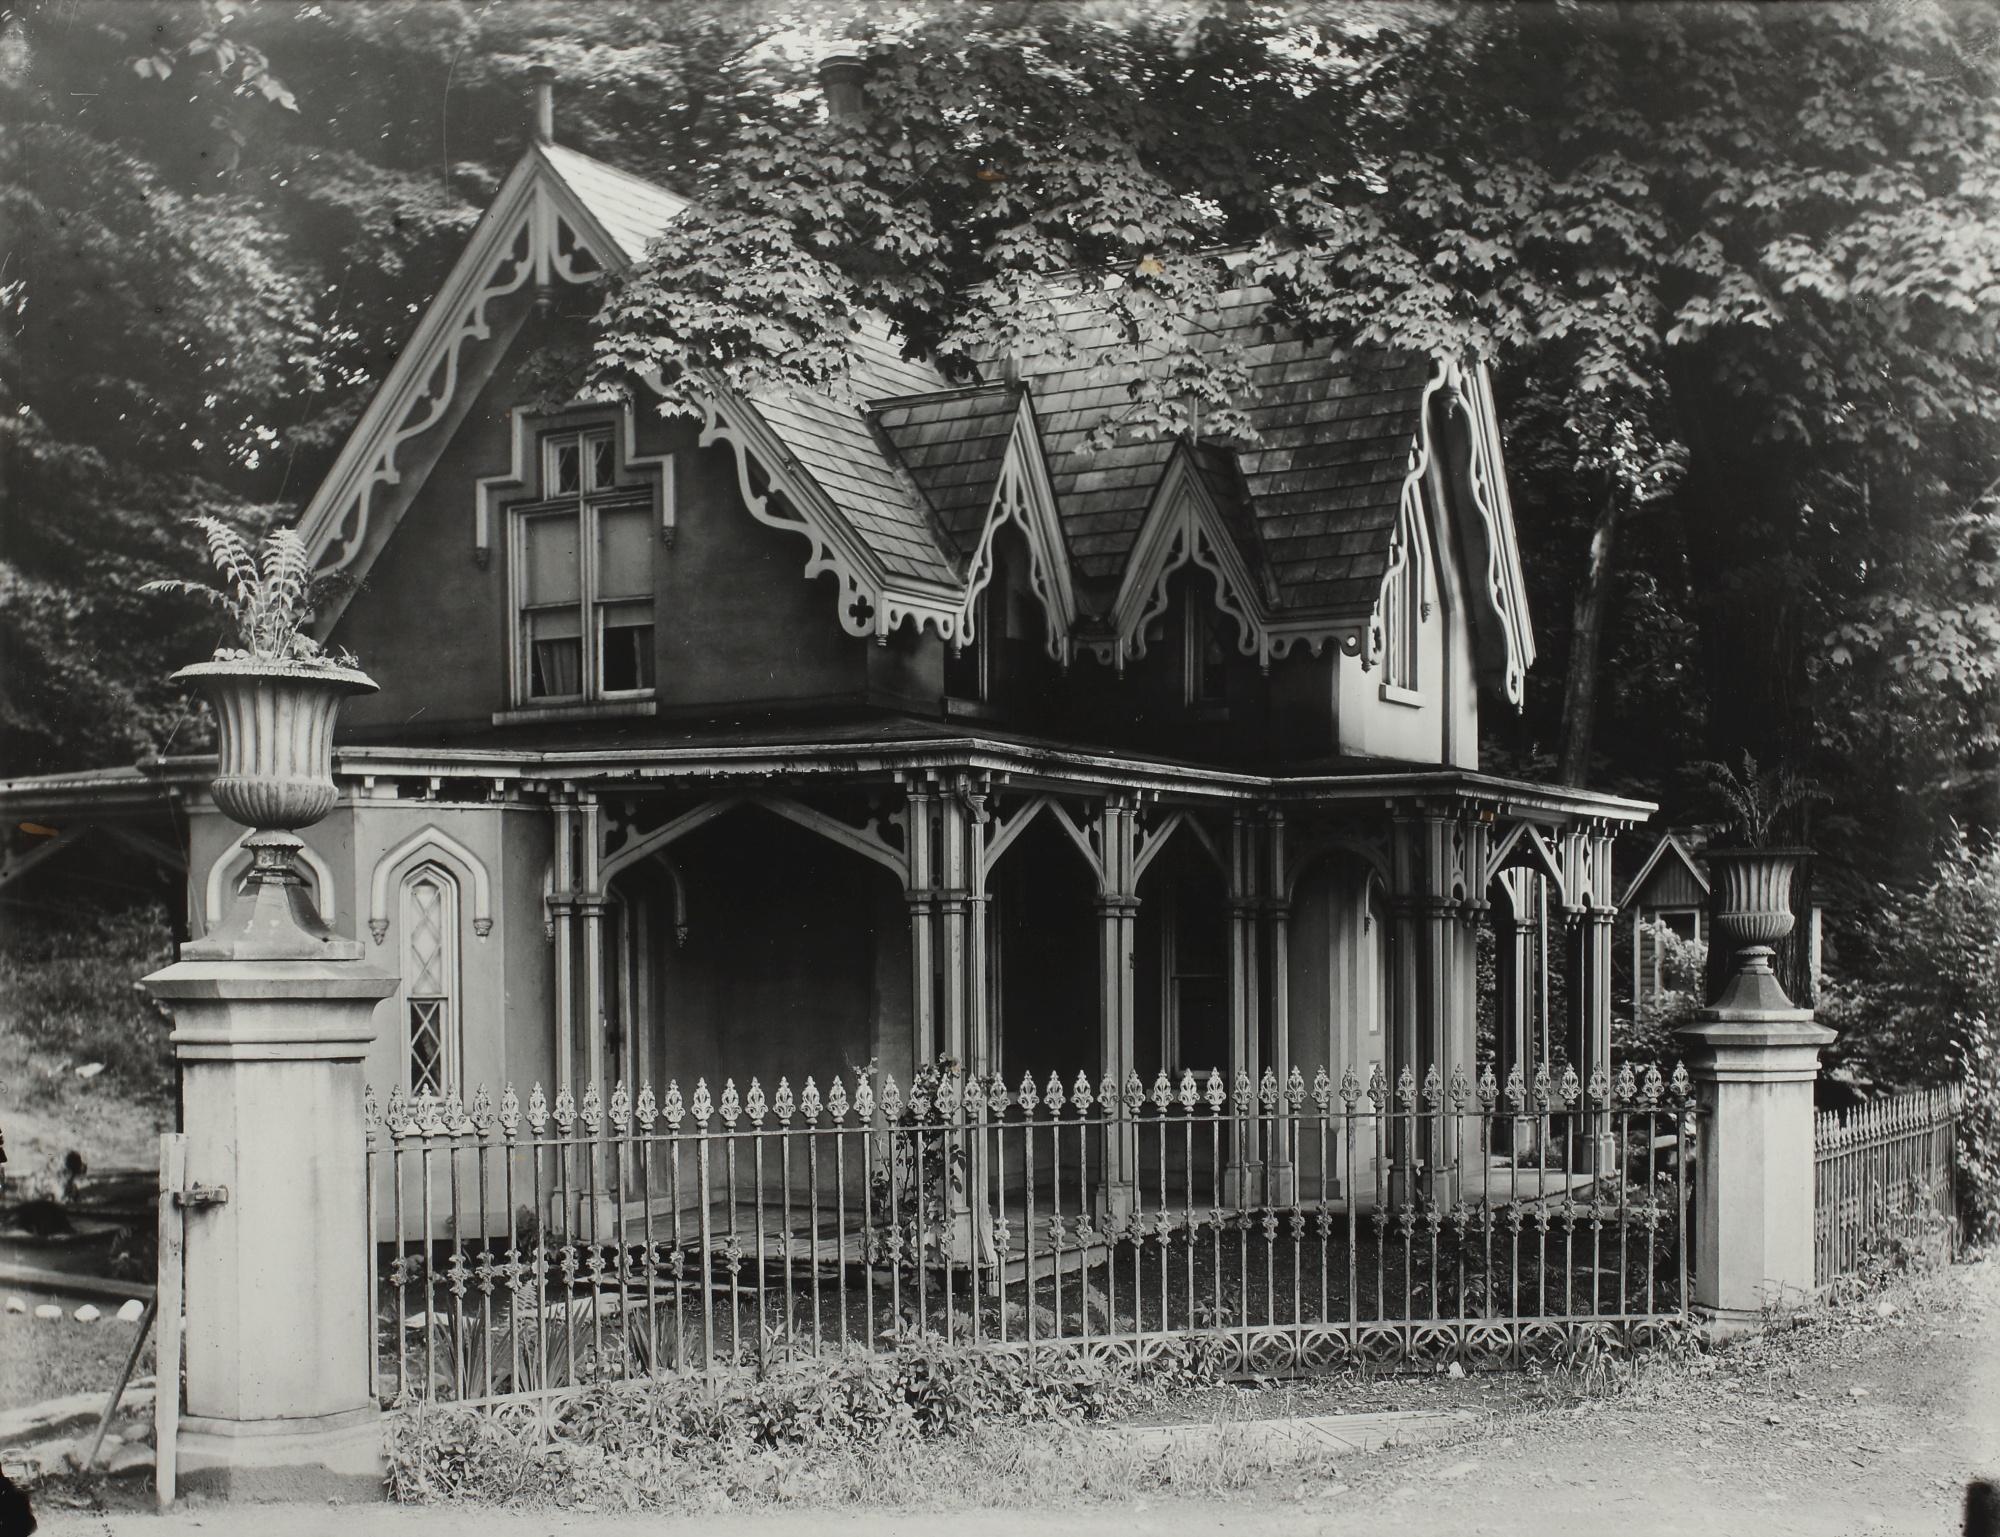 Walker Evans-Gothic Gate Cottage, Poughkeepsie, New York-1931